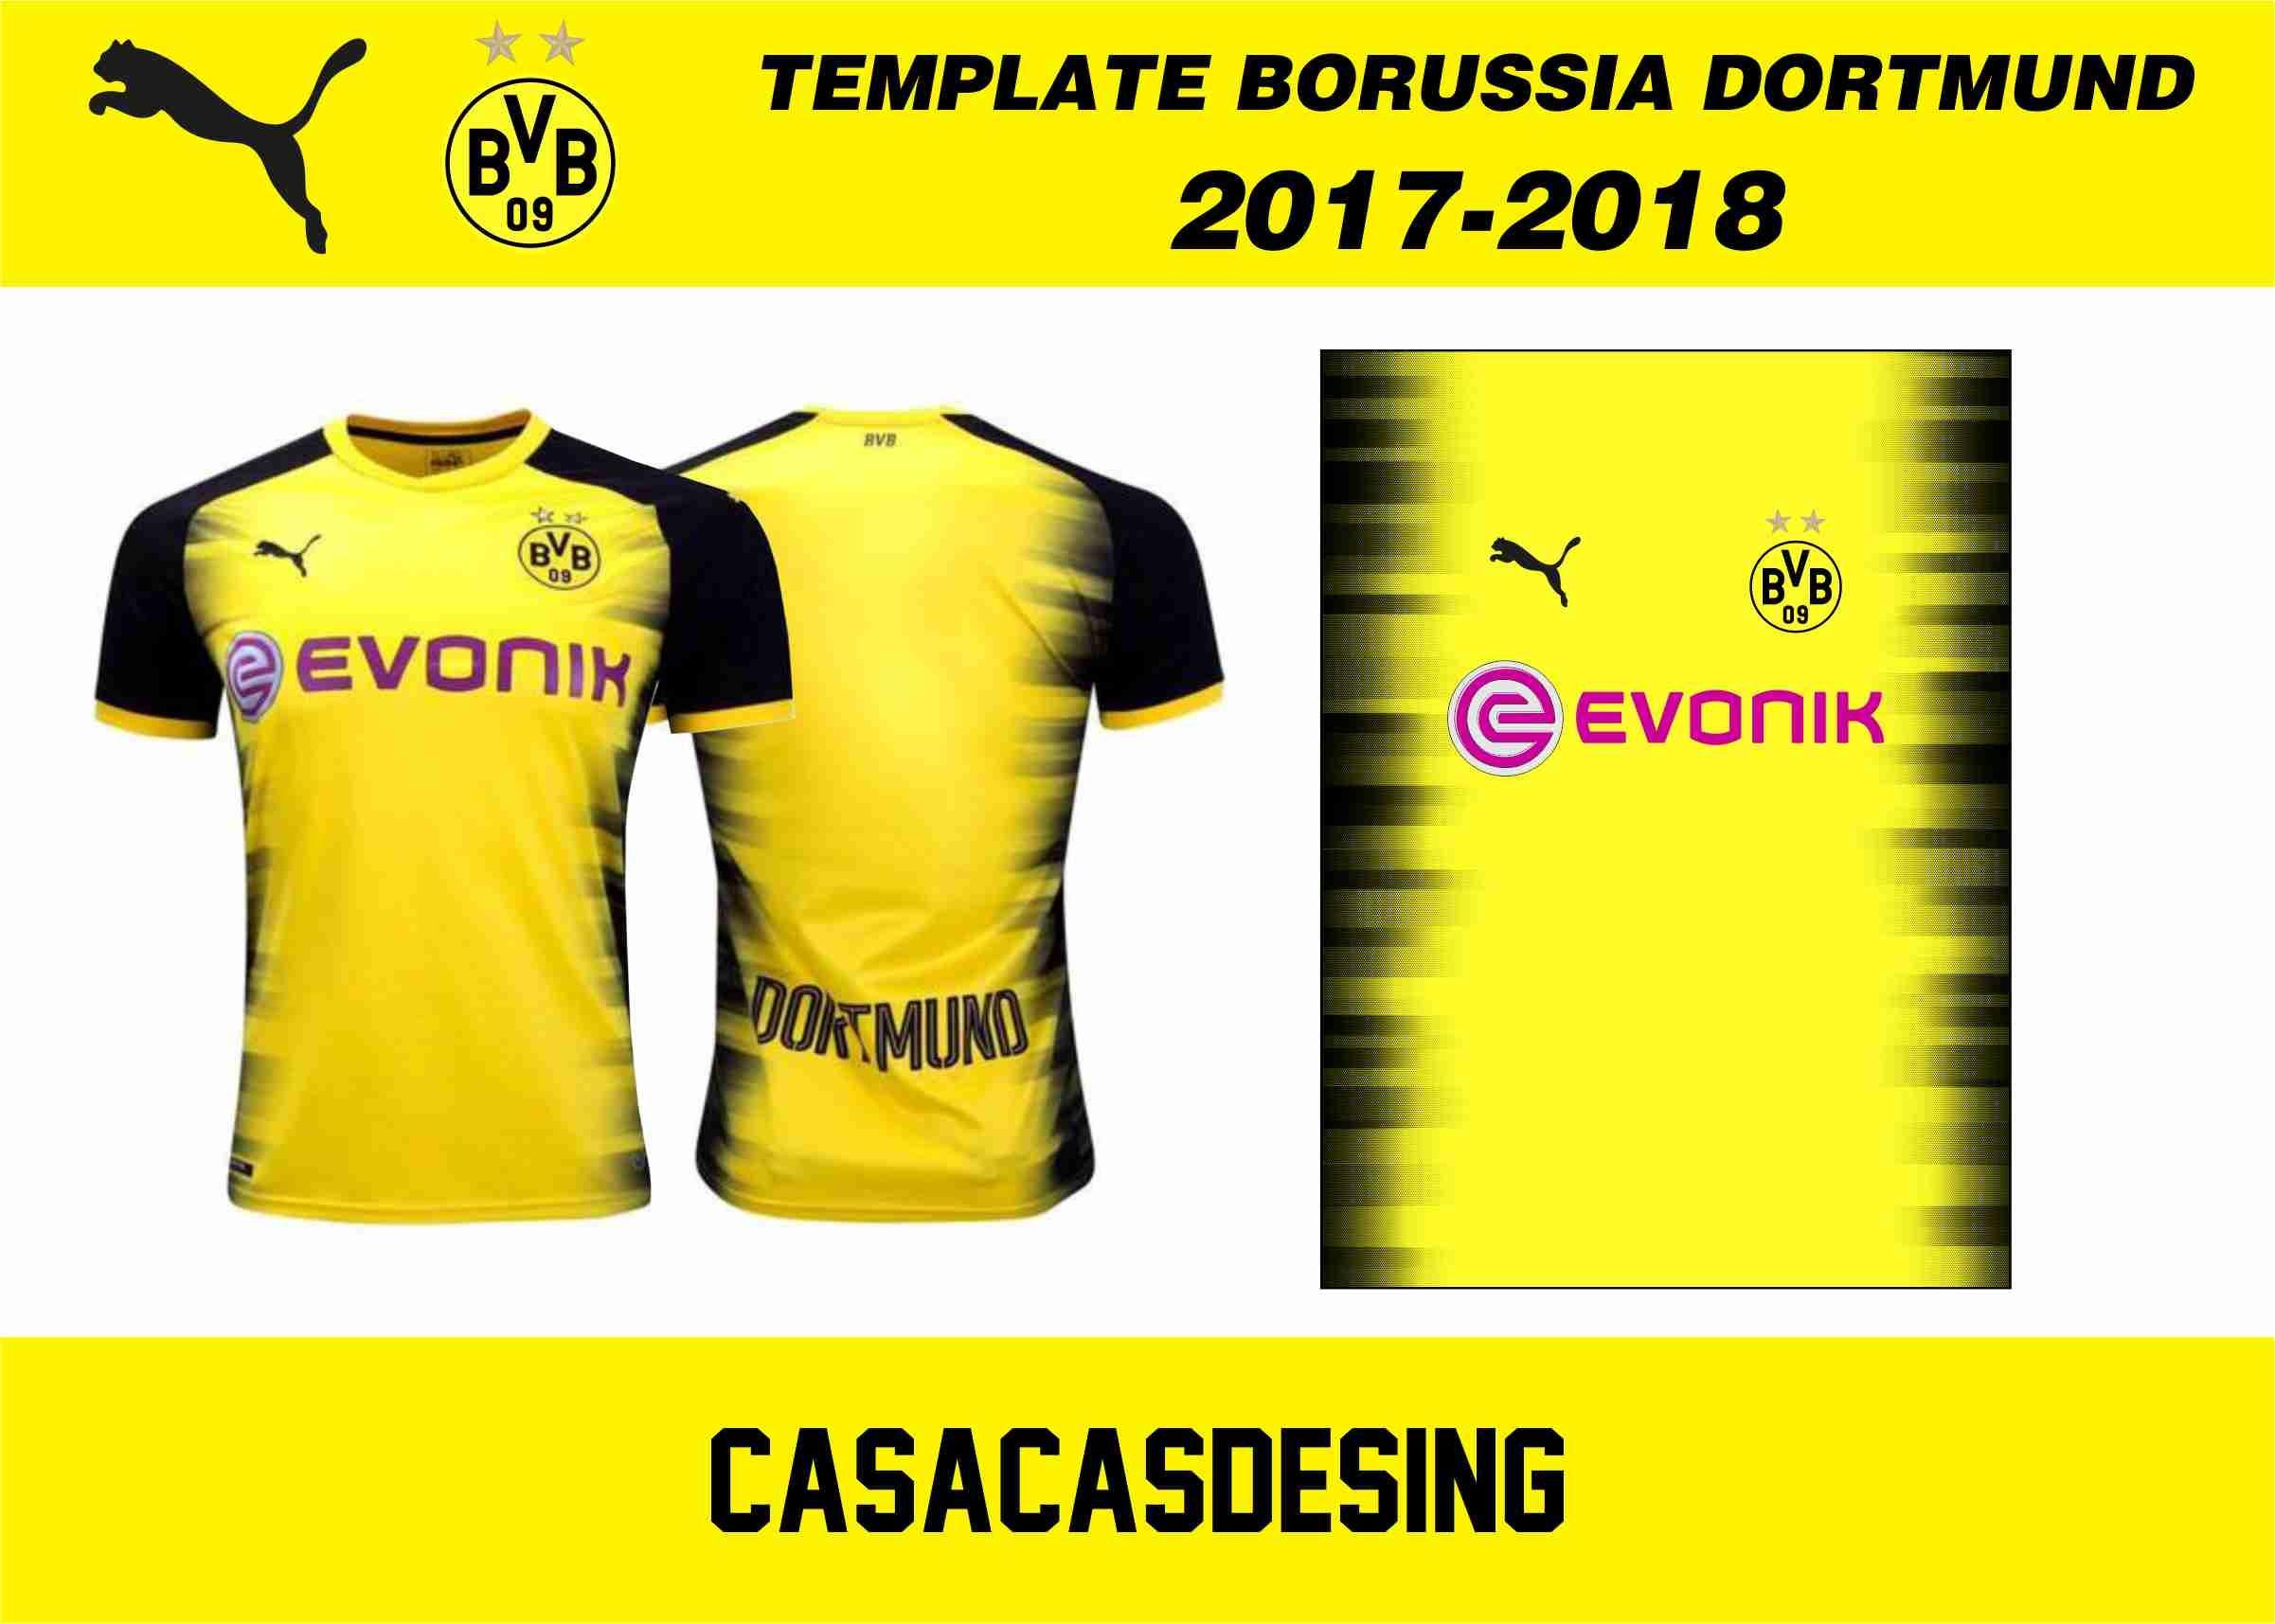 Vector Camiseta Borussia Dortmund 2018 - Camisetas de fútbol, Camisetas deportivas y Remeras de ...